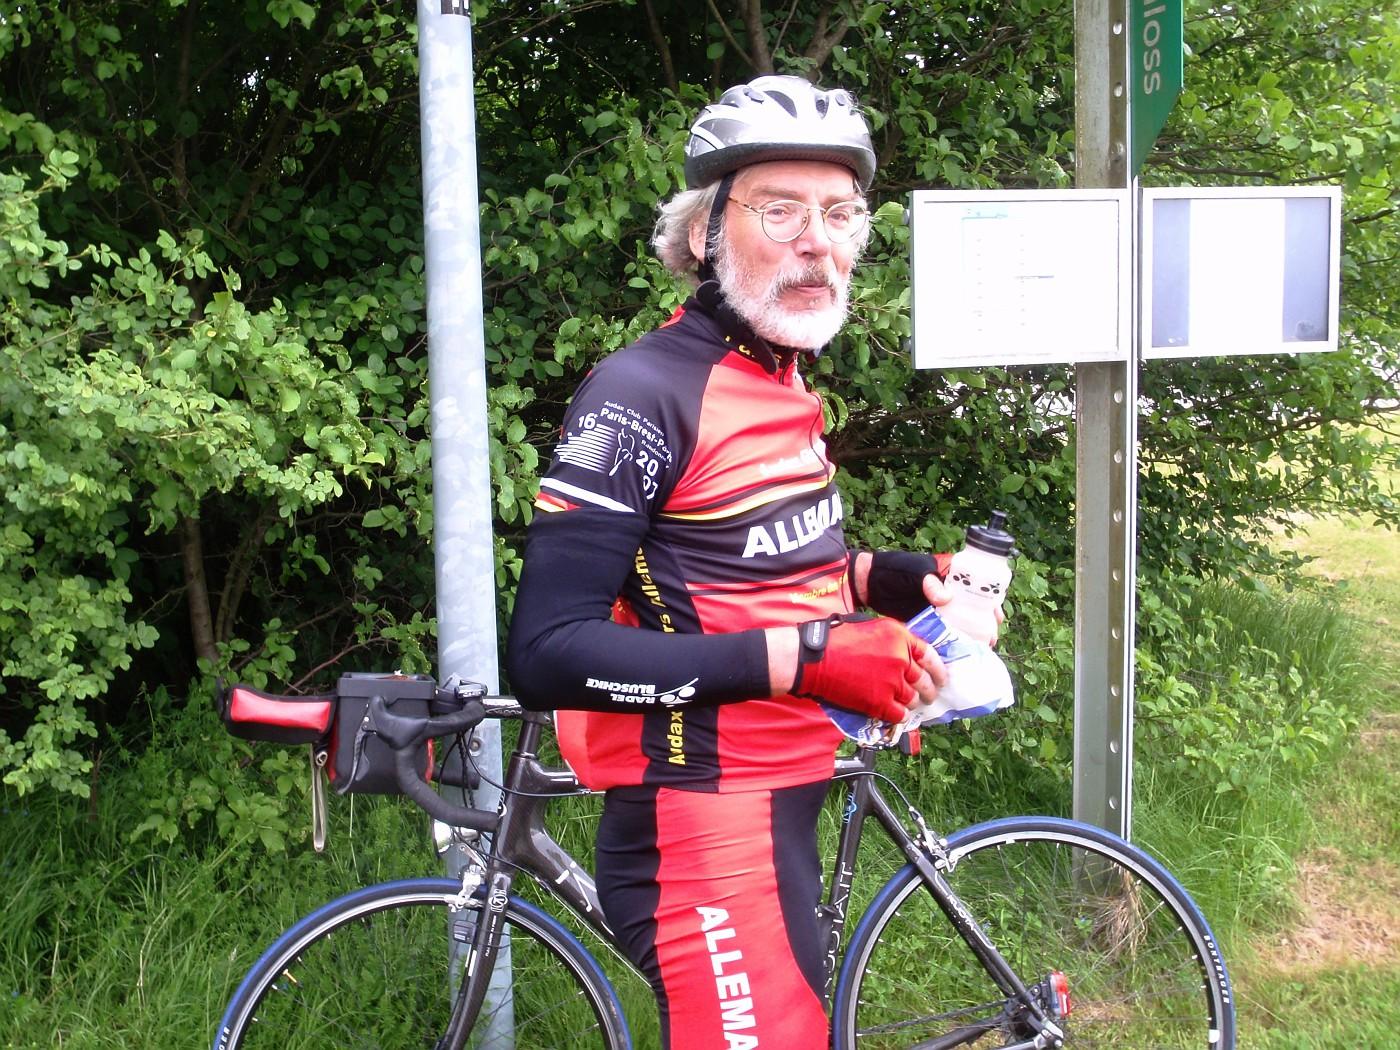 400km Brevet 2009